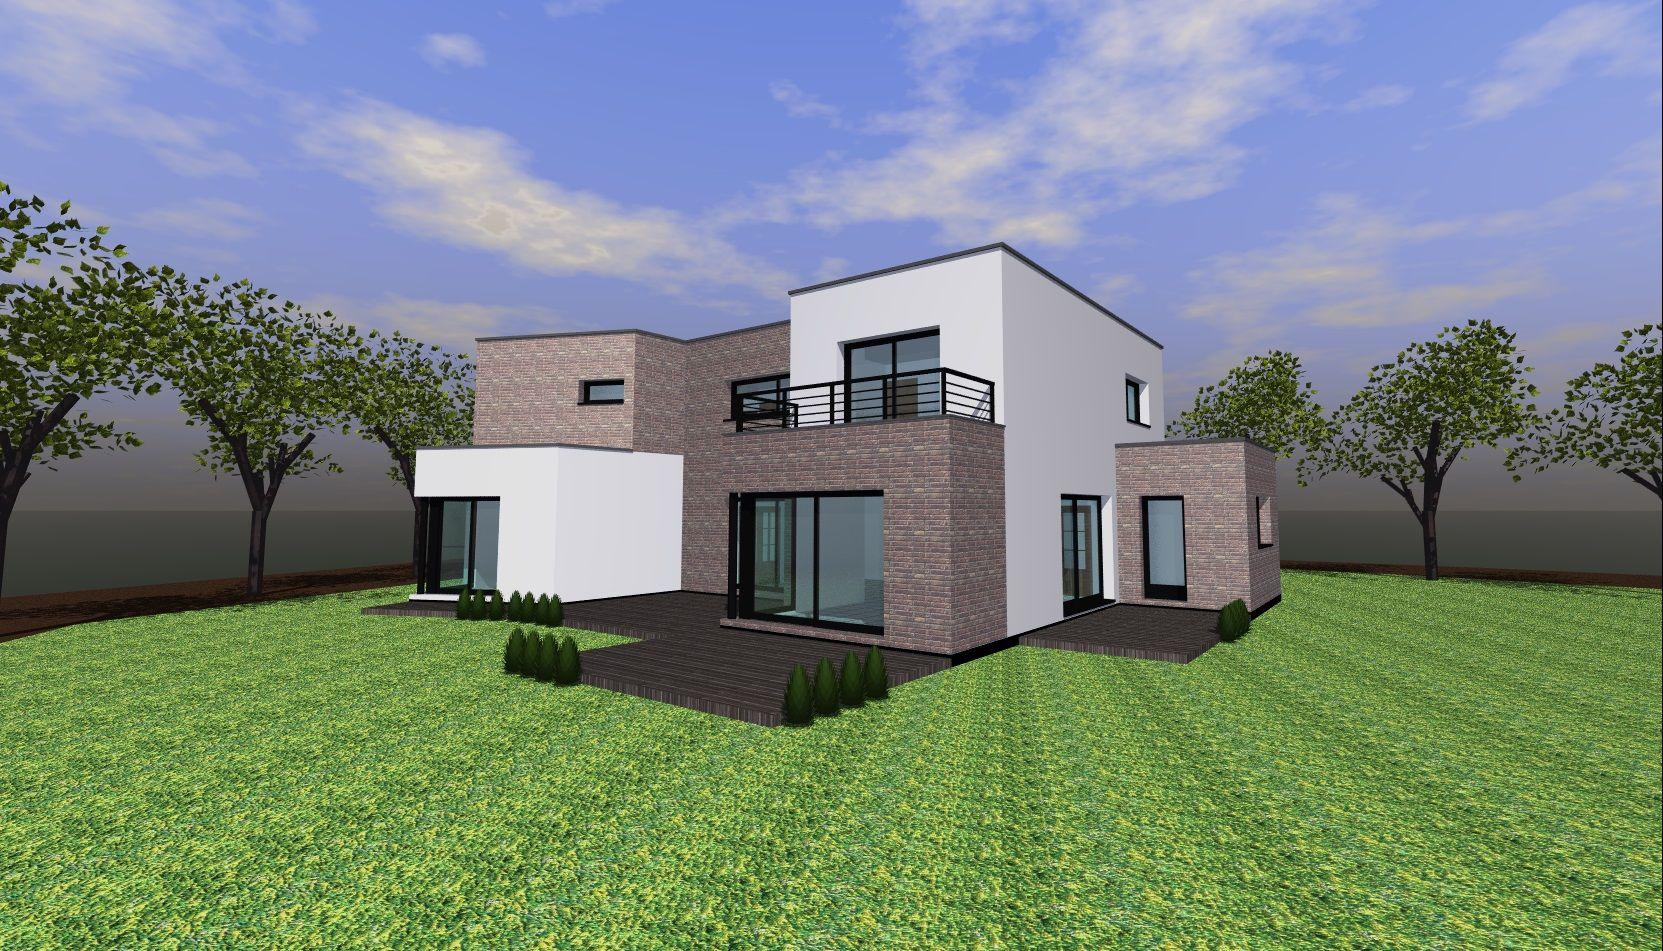 Trendy cubique adapt au terrain maisons buchert with for Prix maison cubique nord